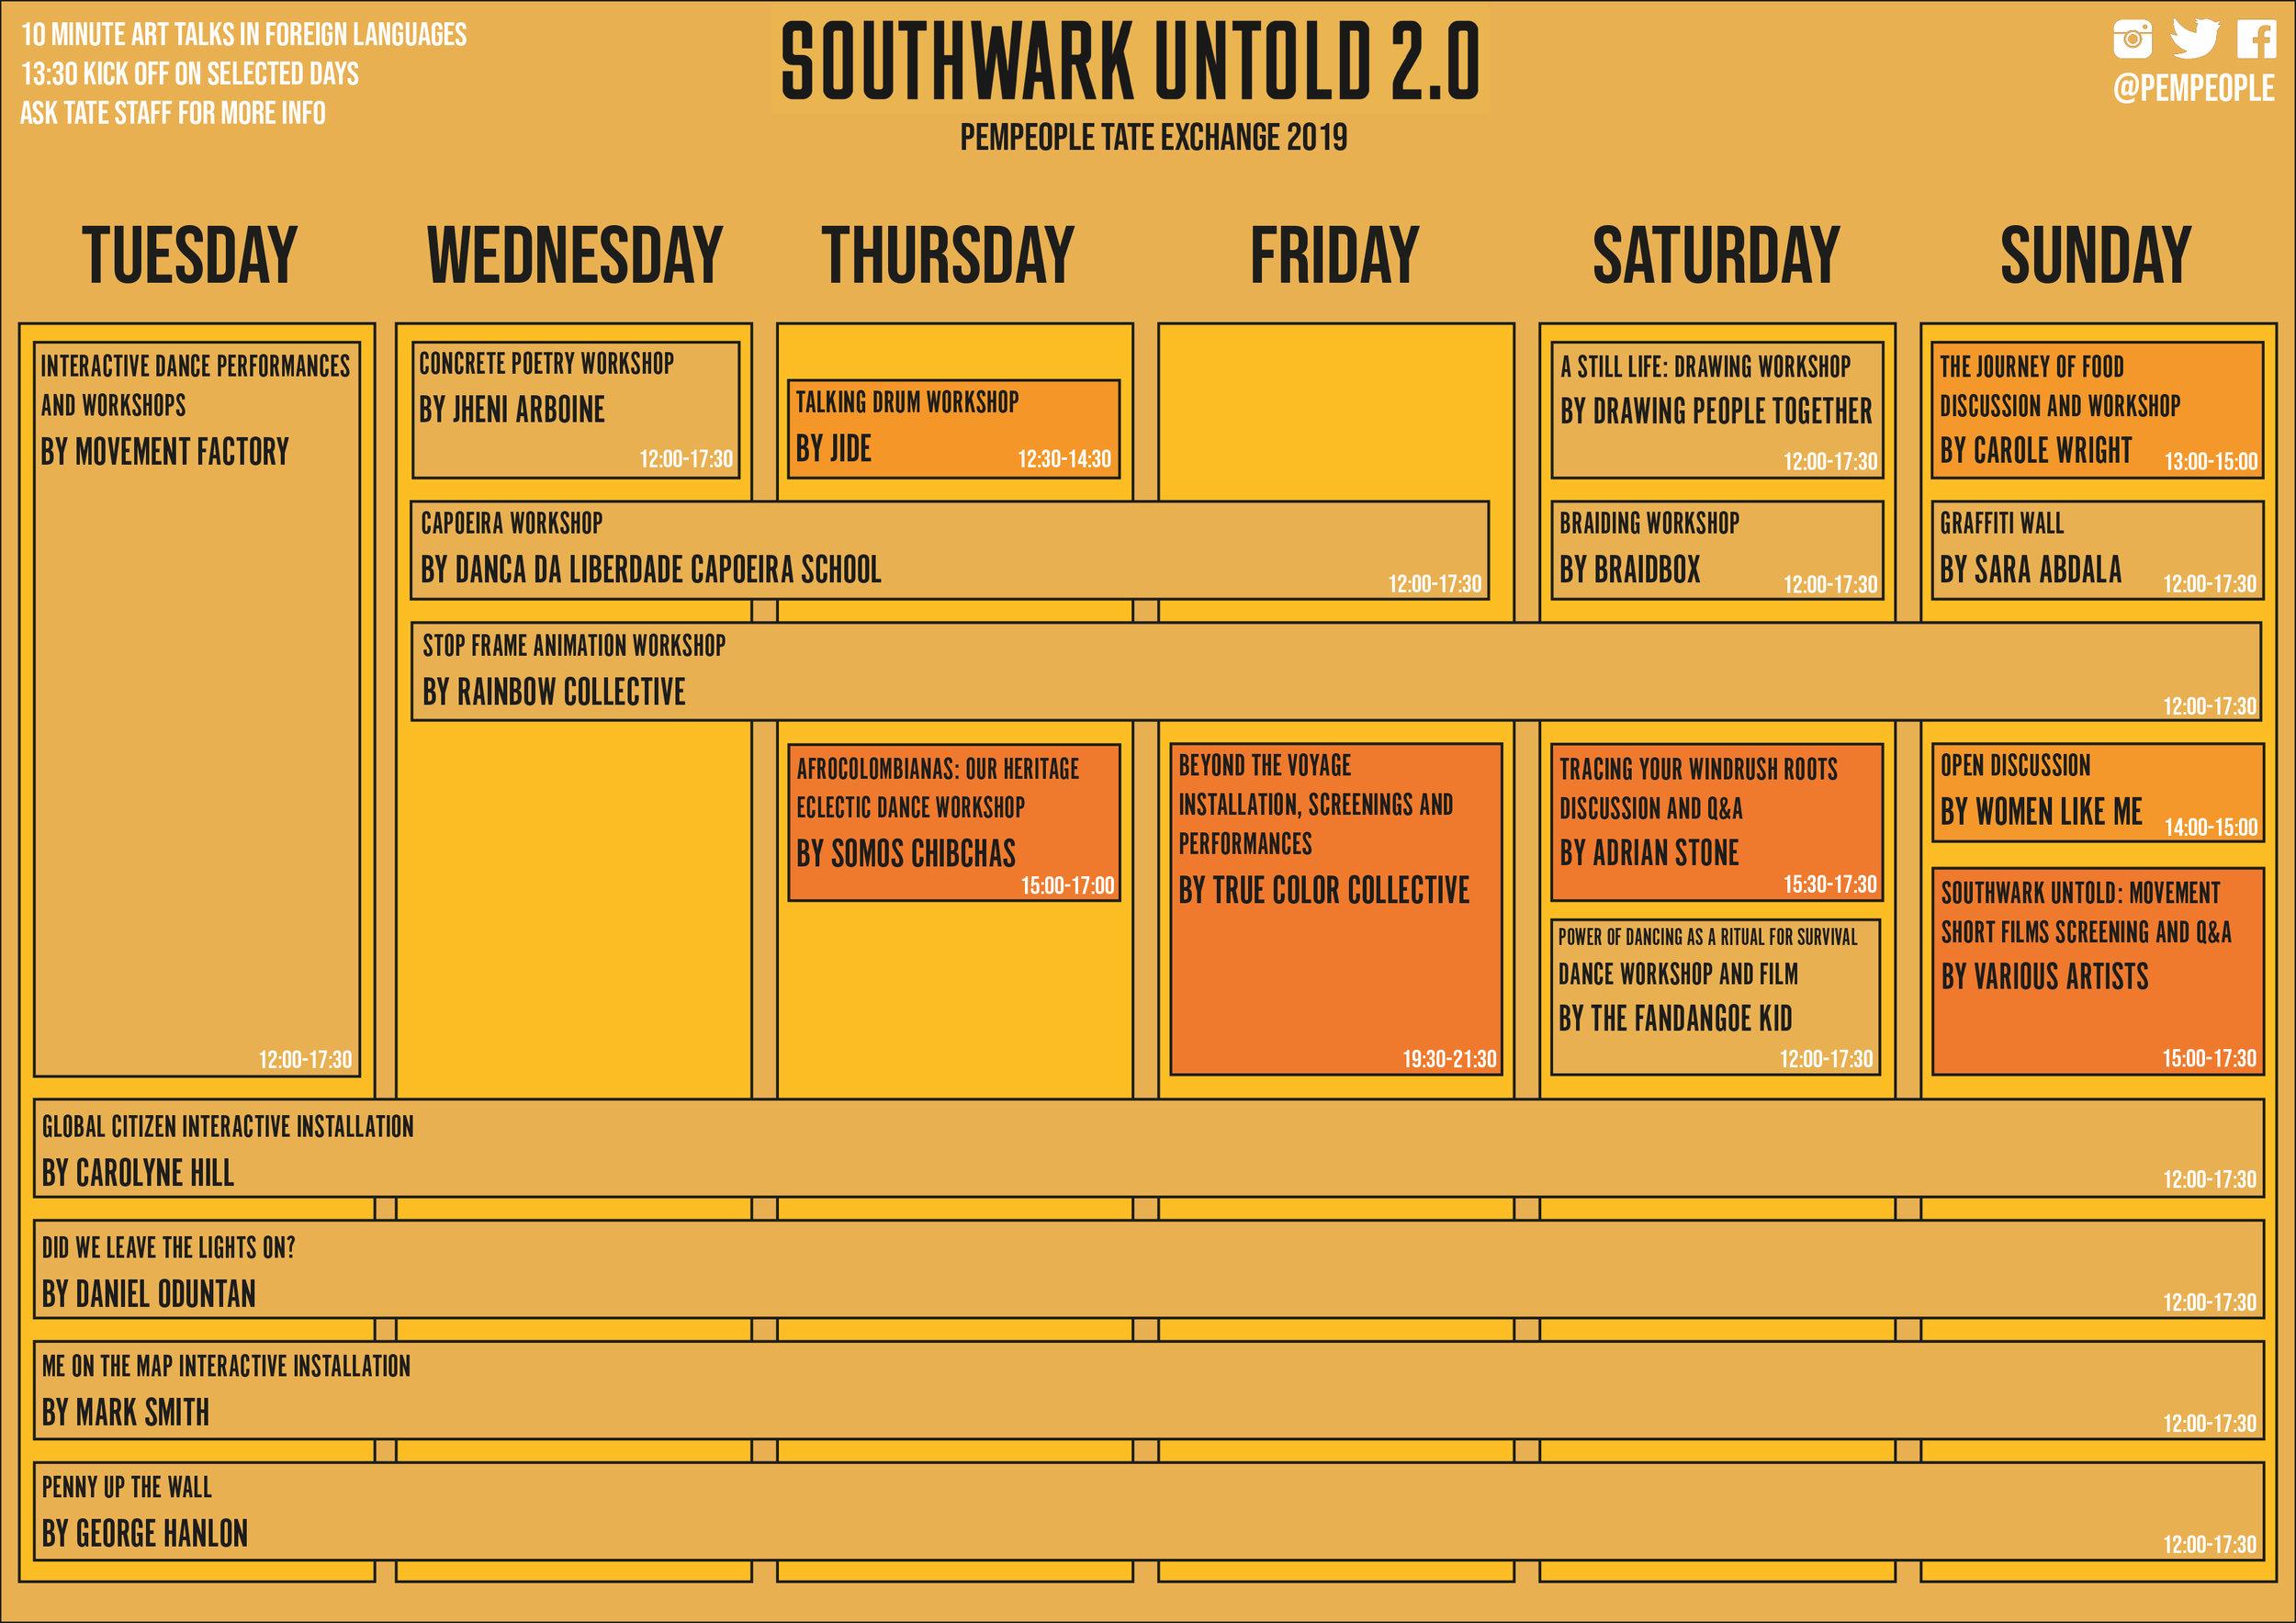 southwarkuntold-20-timetable.jpg